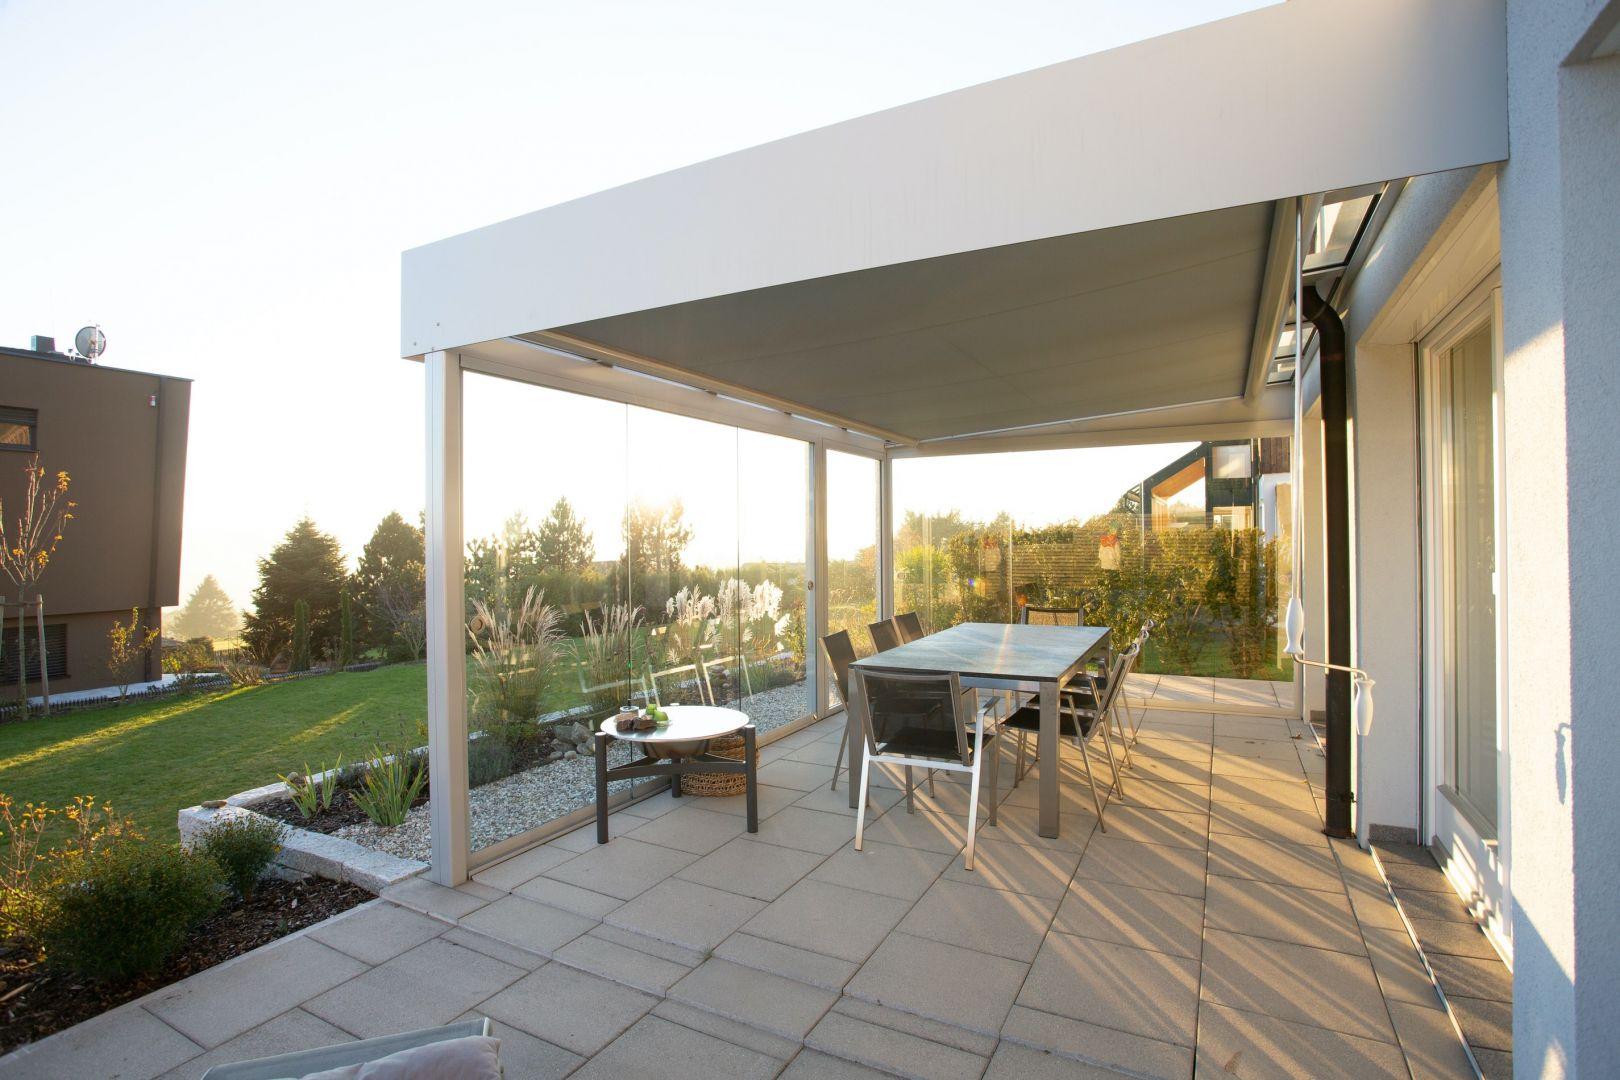 Taras, podobnie jak mieszkanie, również potrzebuje wiosennych porządków. Nawet najpiękniejsza aranżacja przestrzeni może zostać przyćmiona, jeśli zapomnimy o najważniejszym – czystości. Fot. Jurga